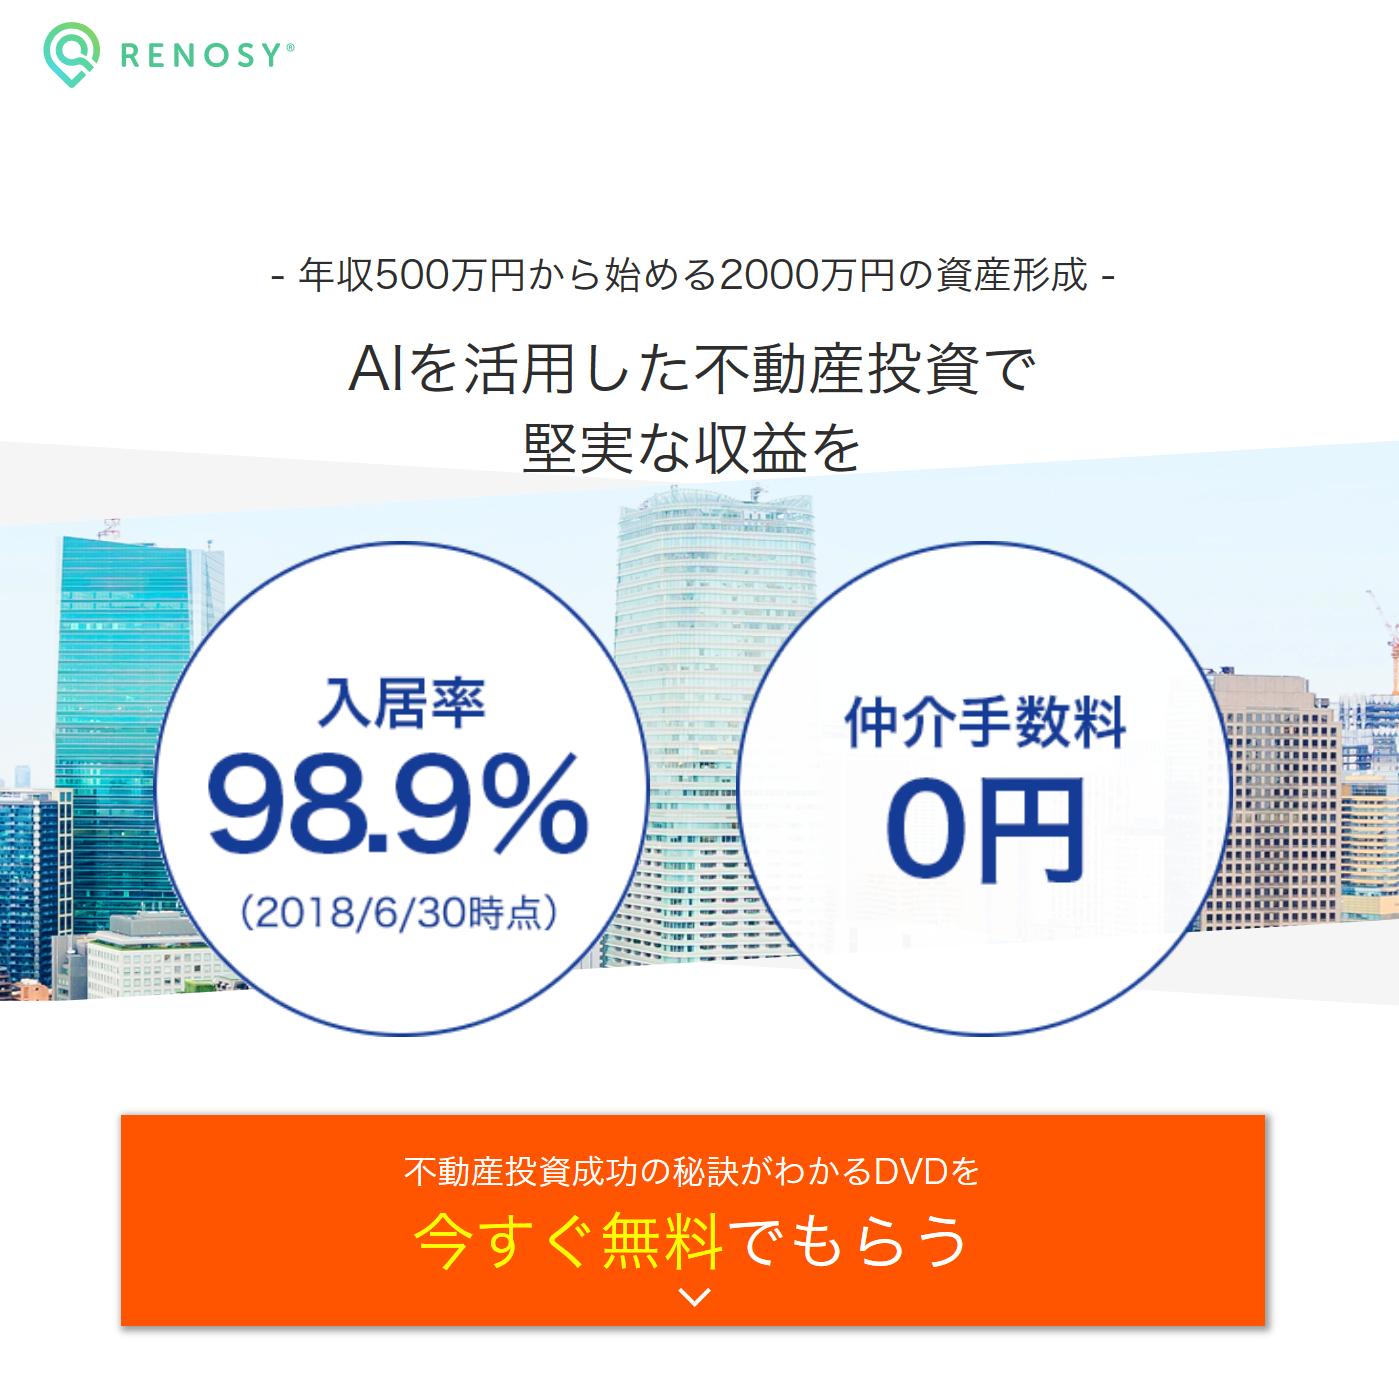 築10年以上の物件で入居率98%以上、仲介手数料0円、フルローンも可能「GAテクノロジーズ」